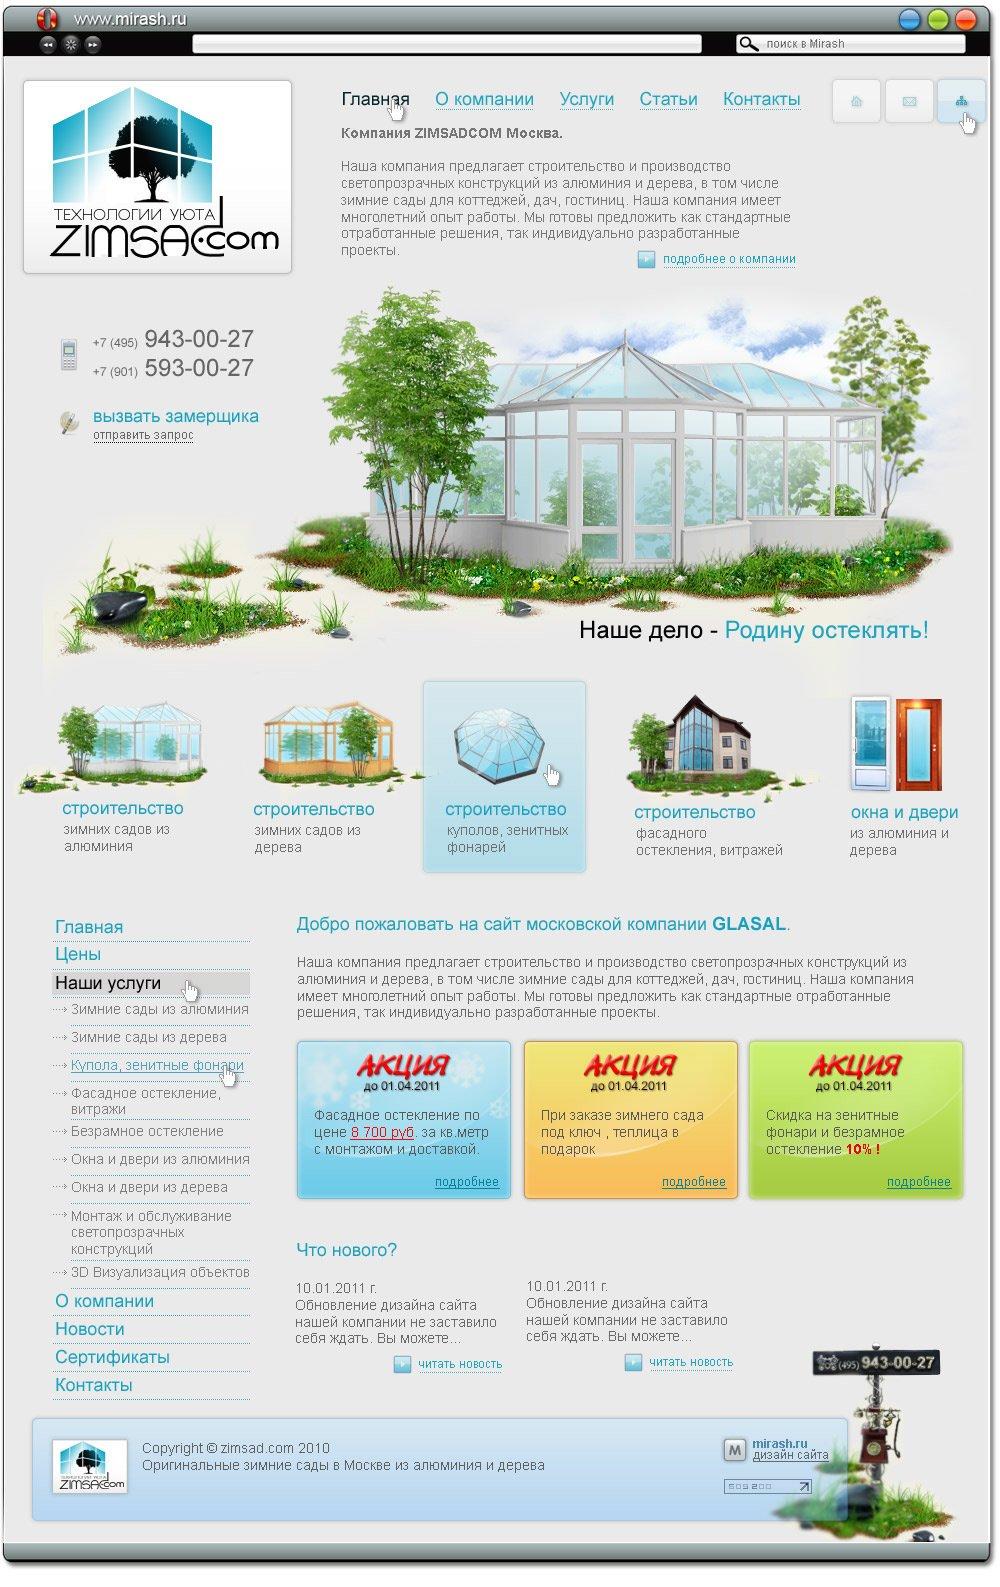 Дизайн сайта реферат